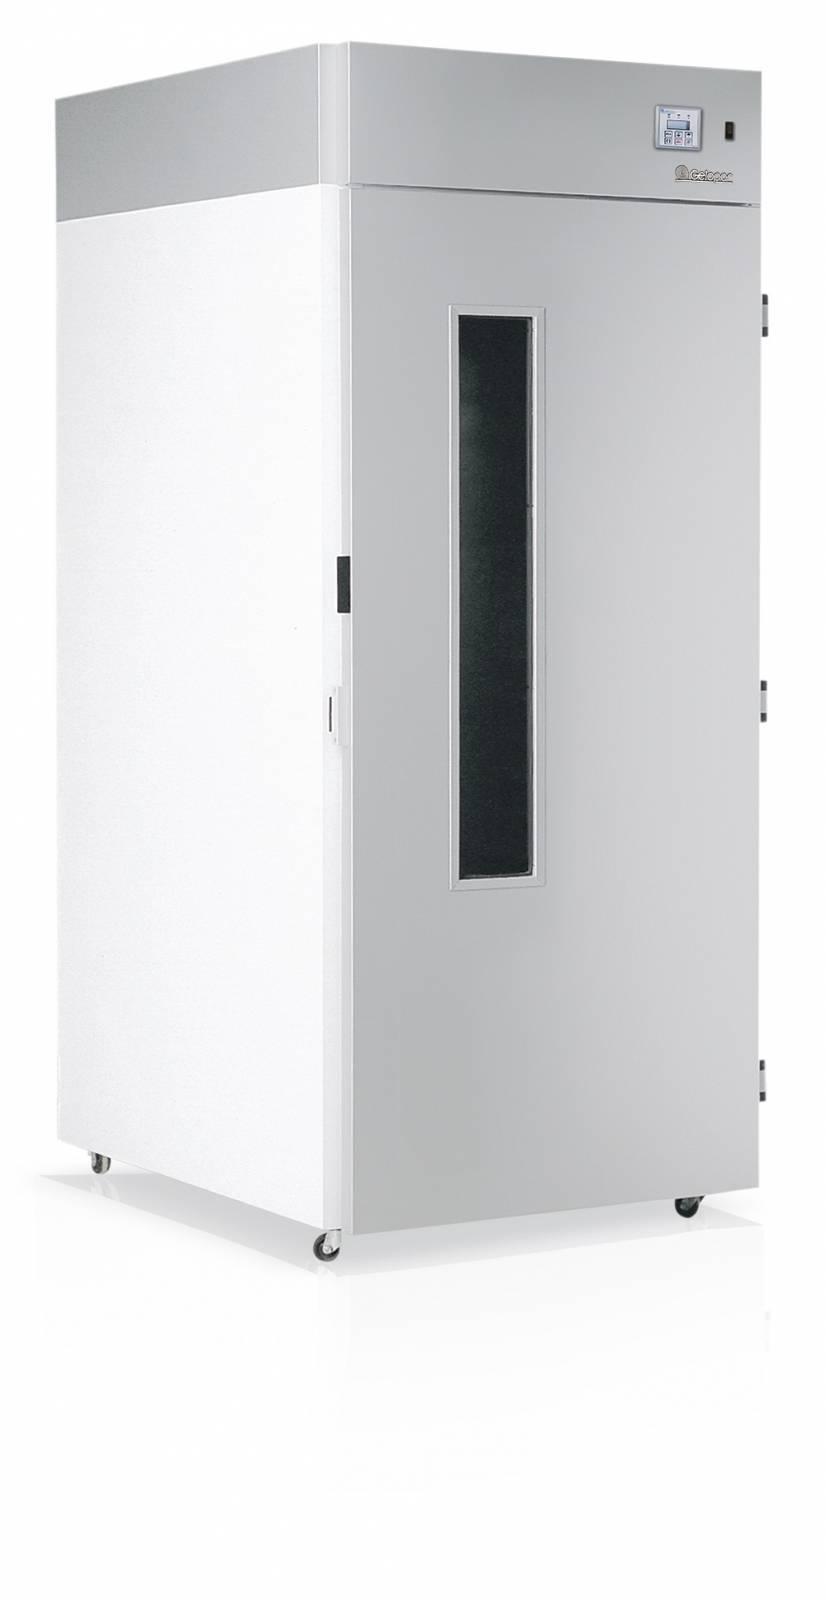 Câmara Climática GCTP - 1200 Gelopar